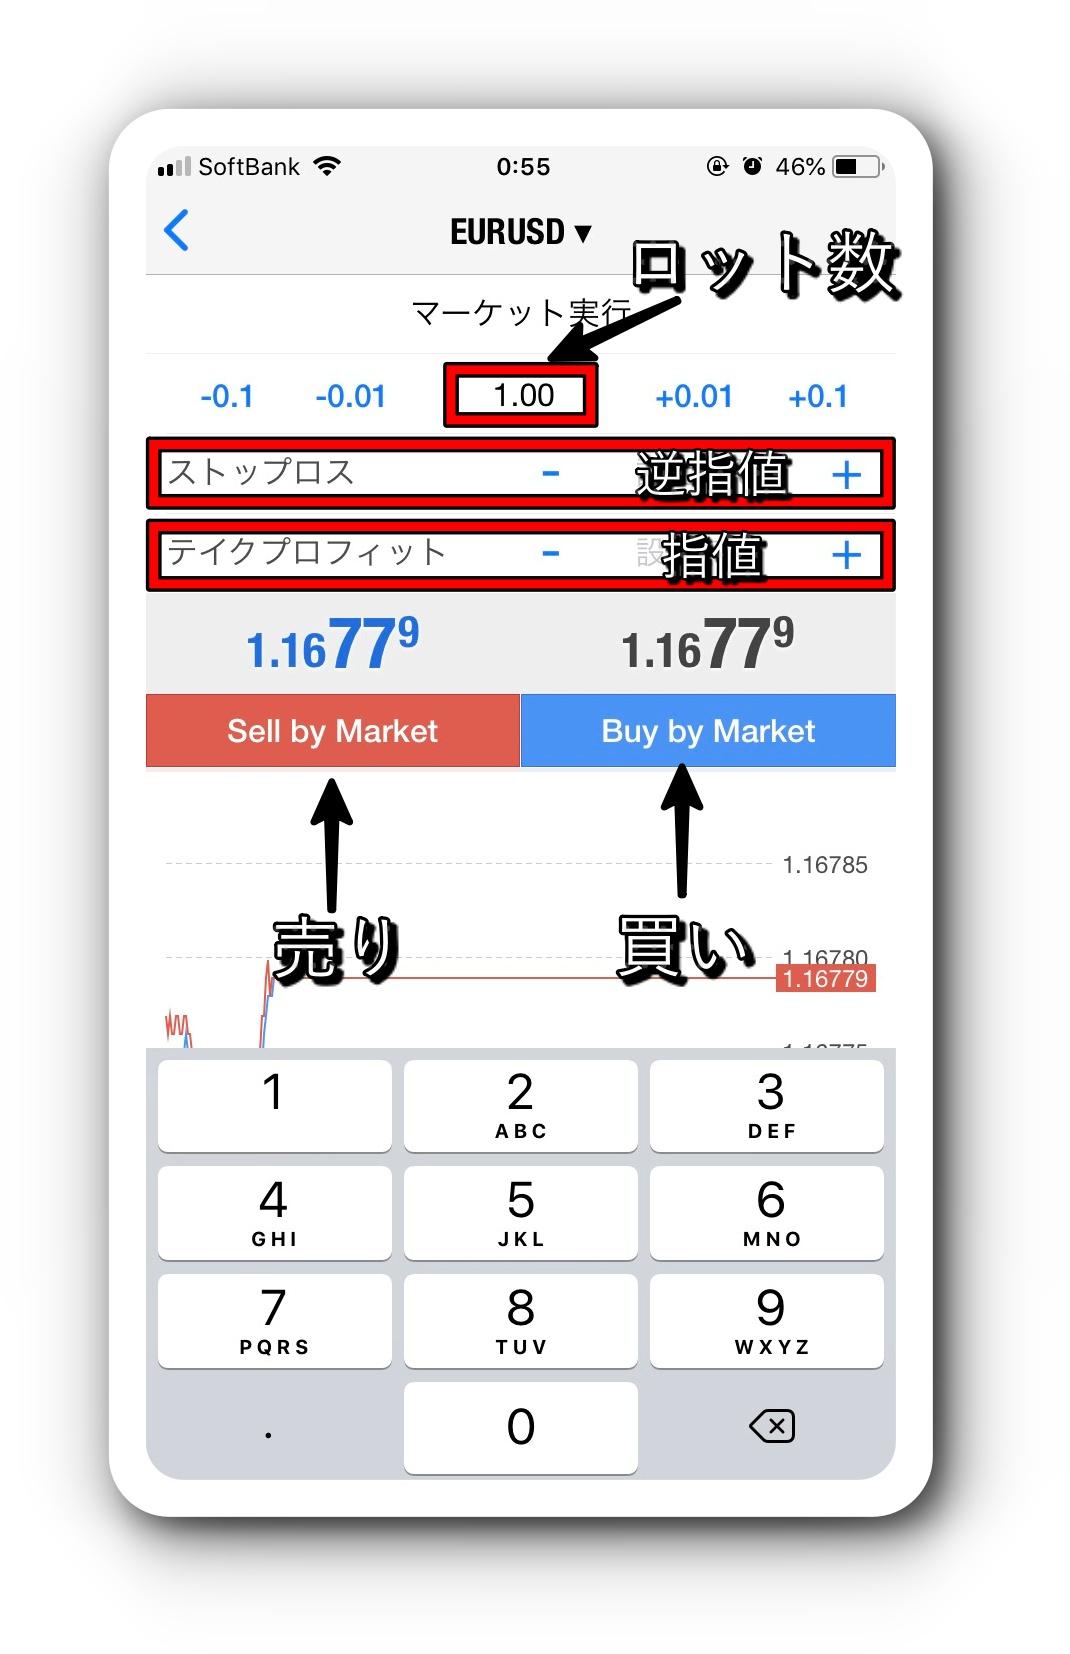 ケータイ MT4 トレード画面 売り 買い 成行注文 逆指値 指値